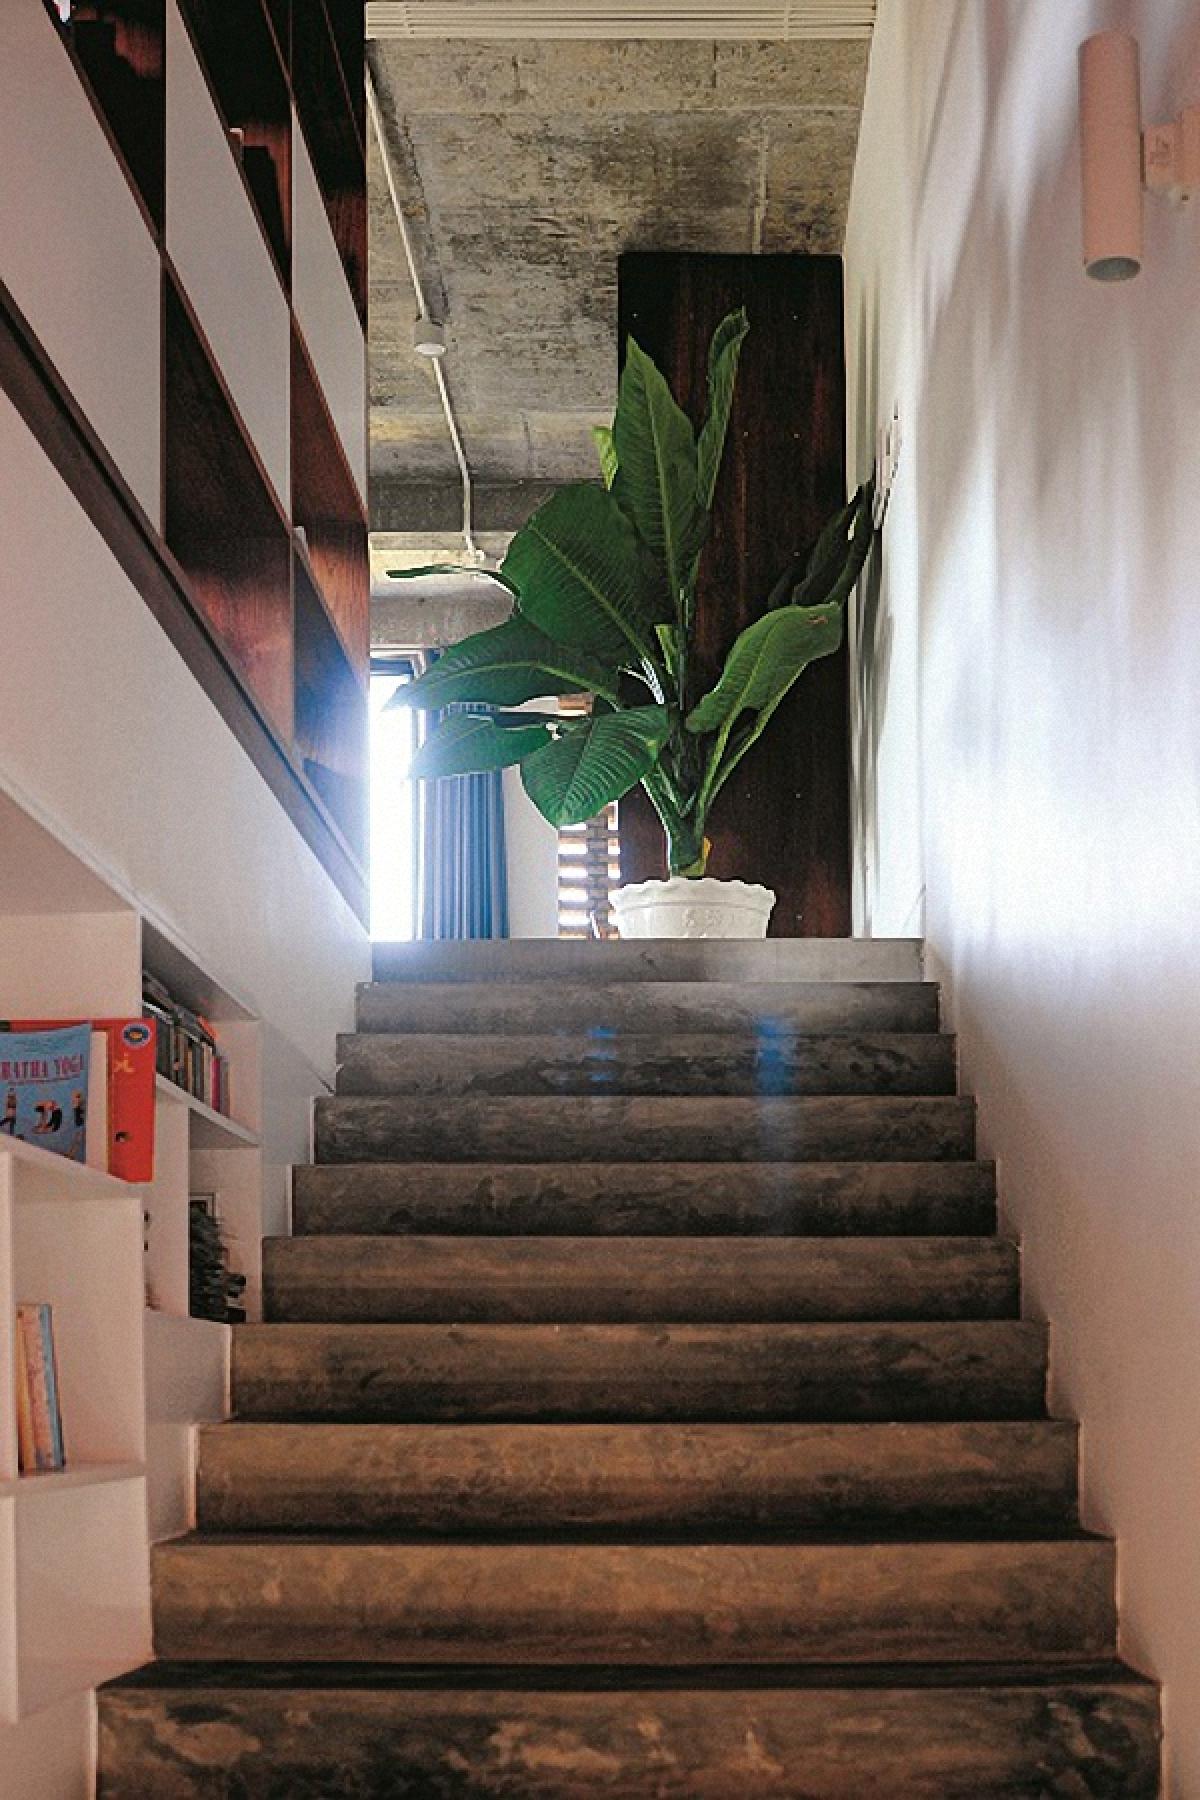 Các bậc thang cũng được để bề mặt bê tông trần cùng phong cách chung của ngôi nhà.